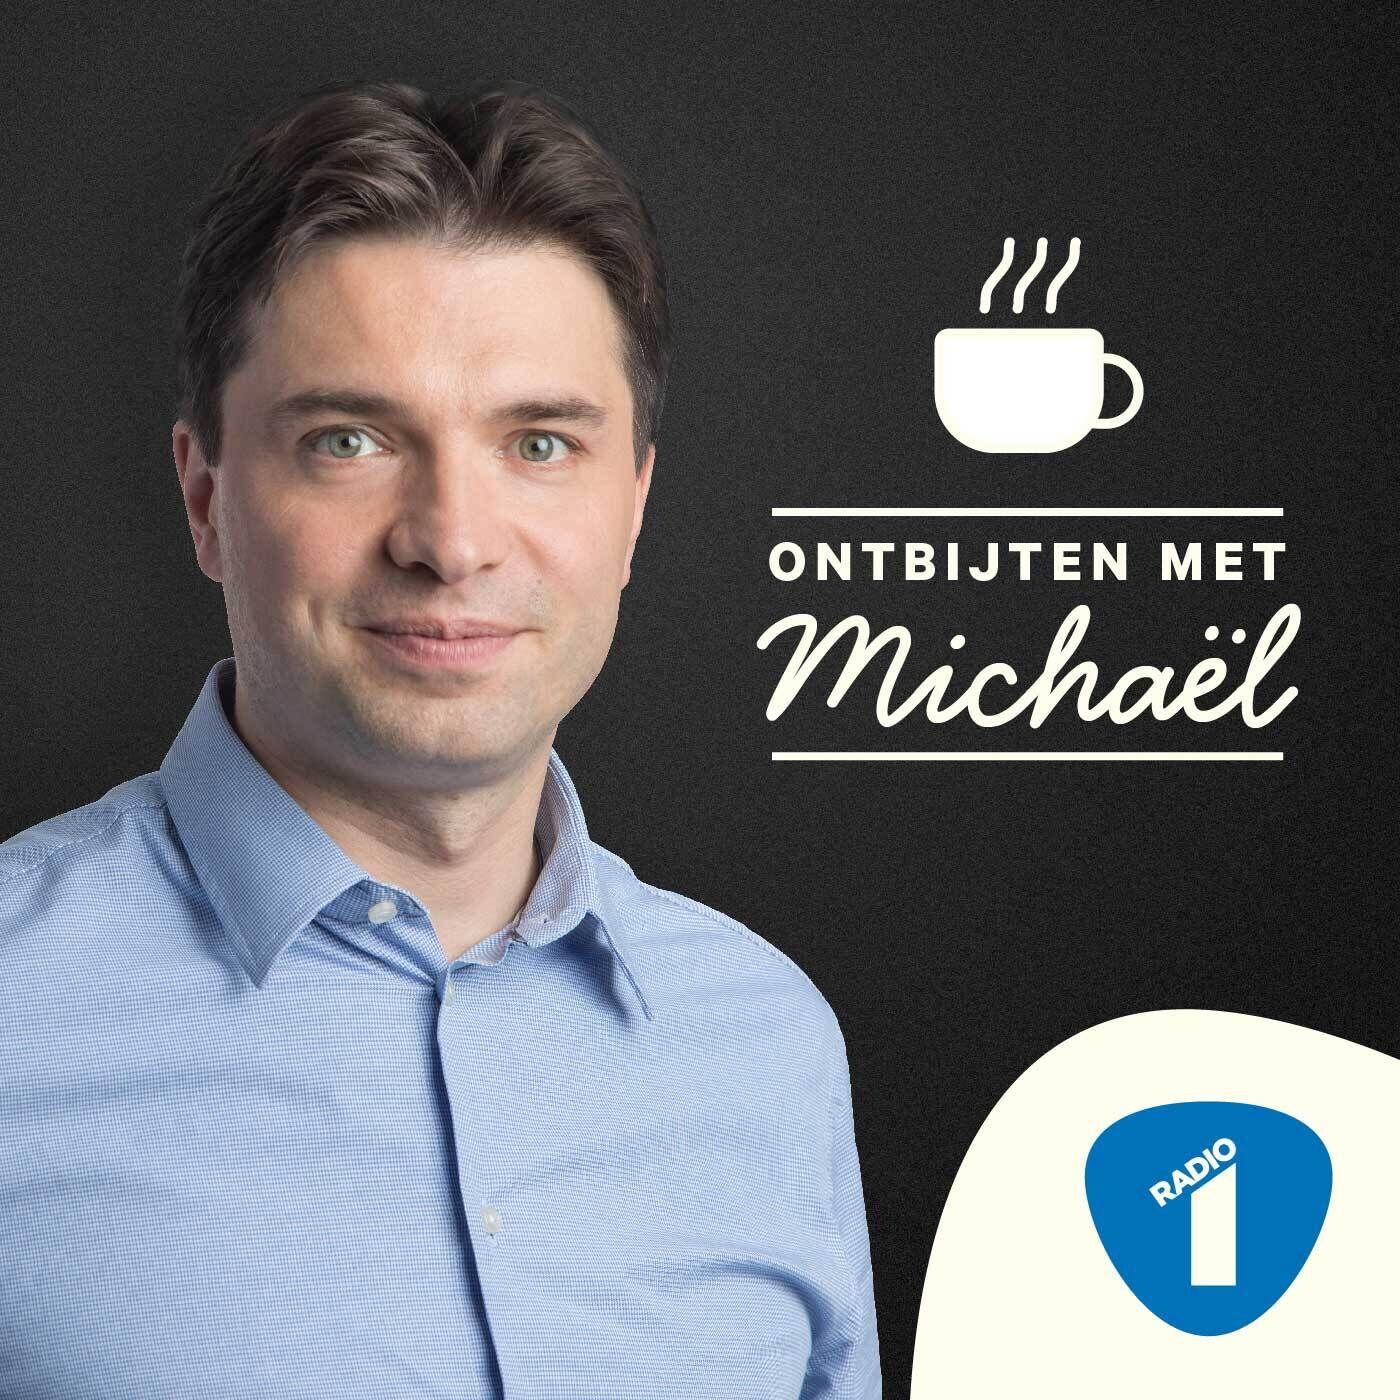 Ontbijten met Michaël logo